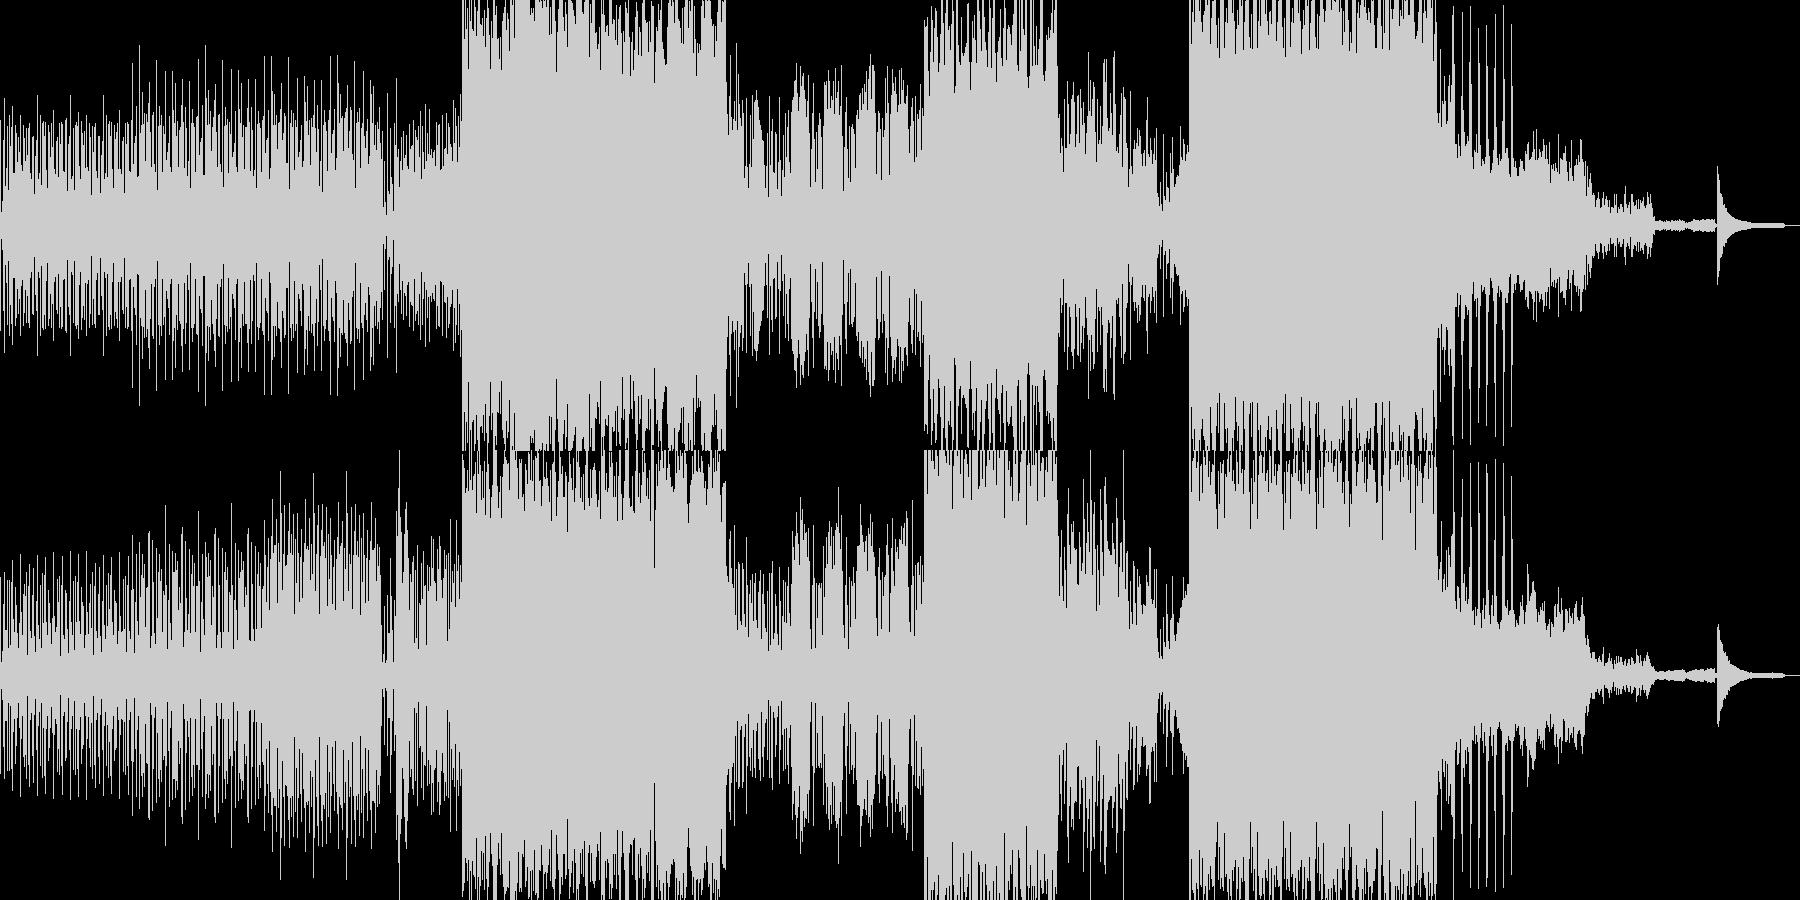 スラップ風のベースが引っ張るBGMの未再生の波形